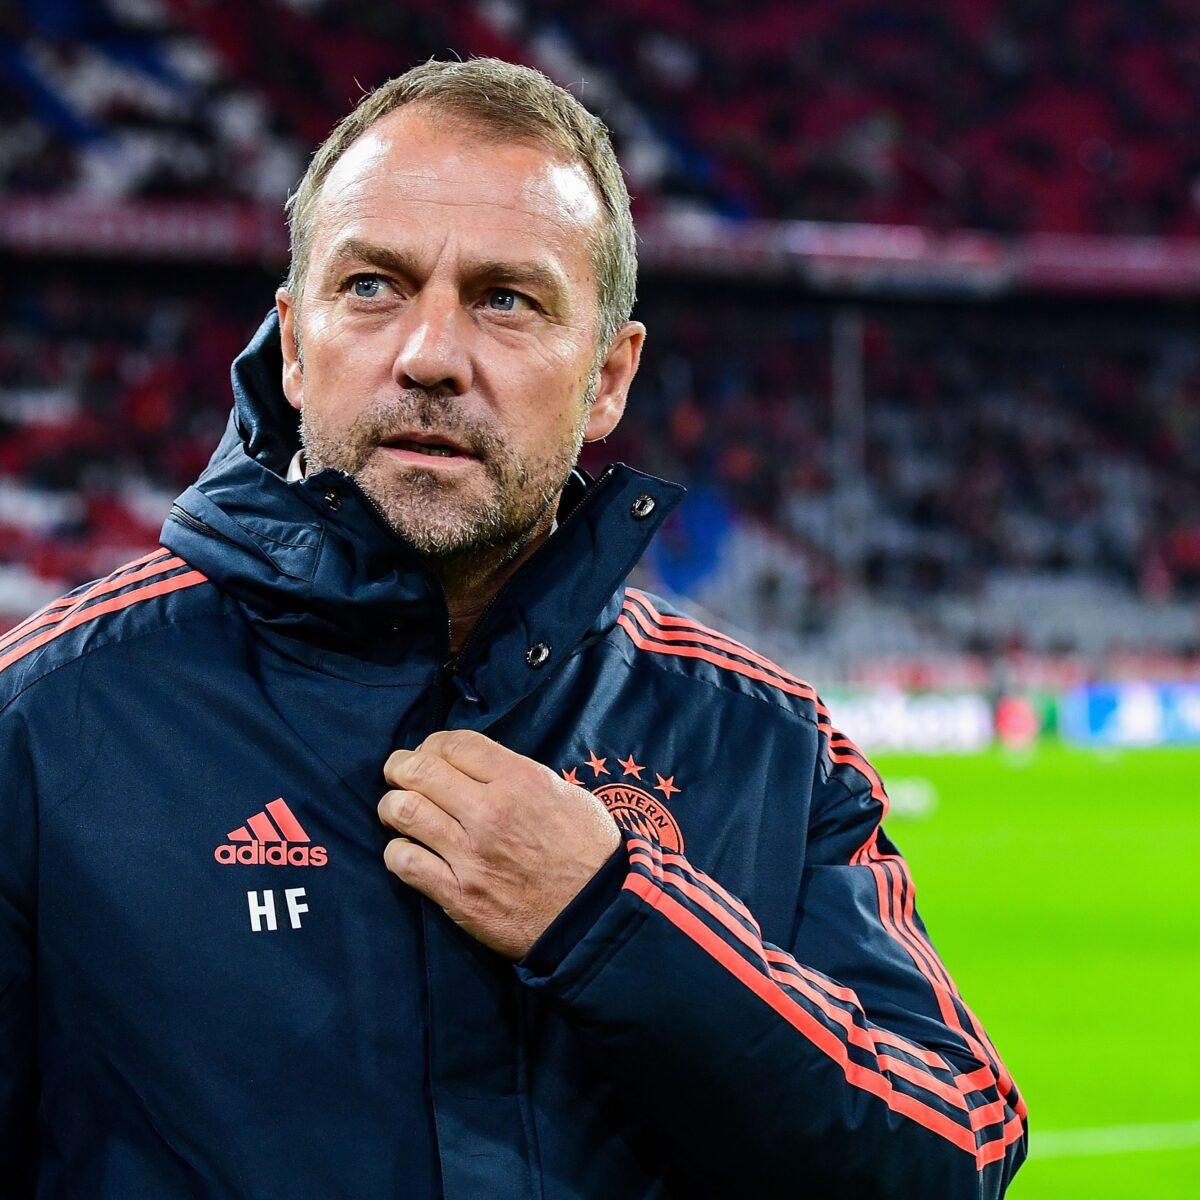 رحيل المدرب الألماني فليك هانز